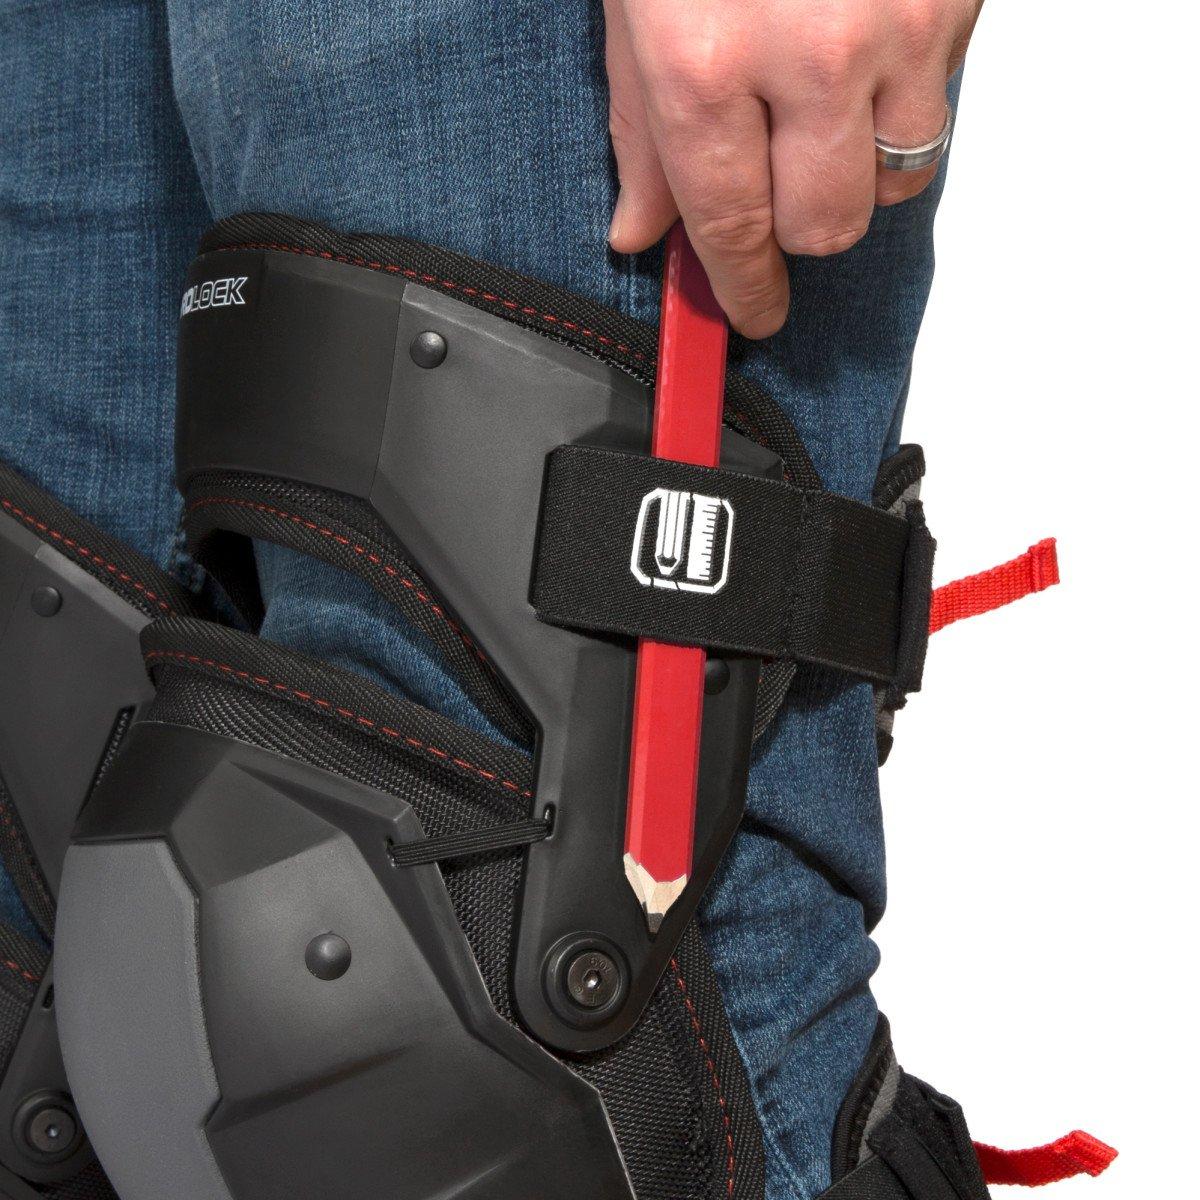 PROLOCK PLK08 93183 Gel Knee Pads Plus (1 pair) by PROLOCK (Image #6)